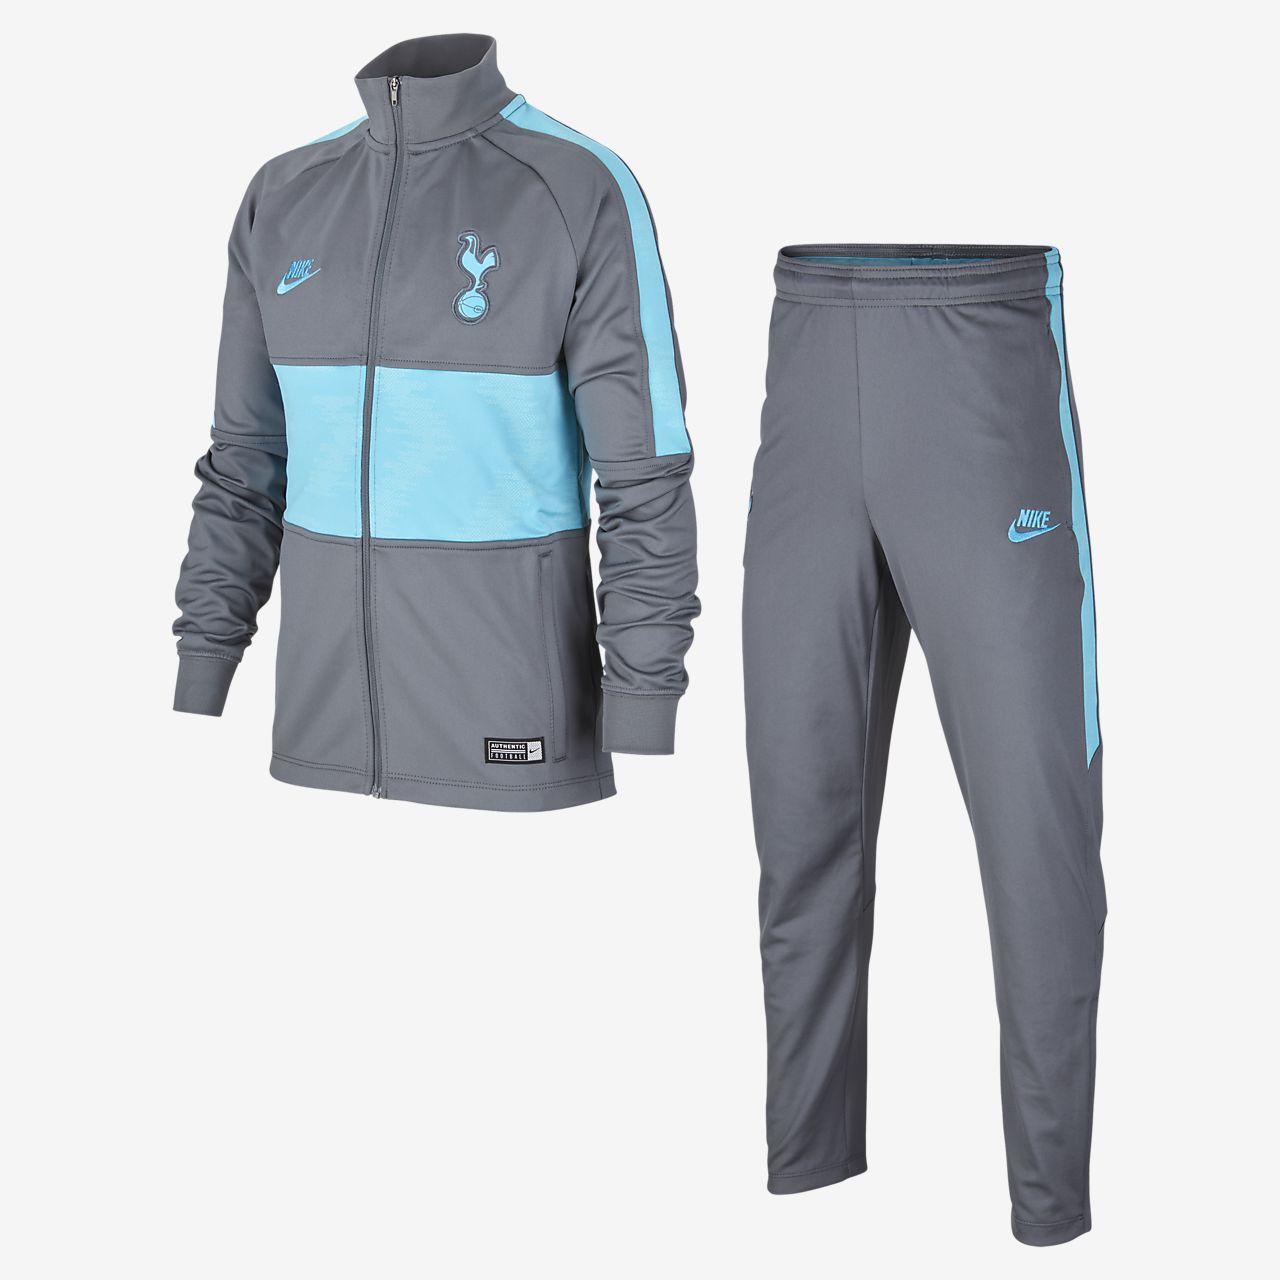 Ποδοσφαιρική φόρμα Nike Dri-FIT Tottenham Hotspur Strike για μεγάλα παιδιά